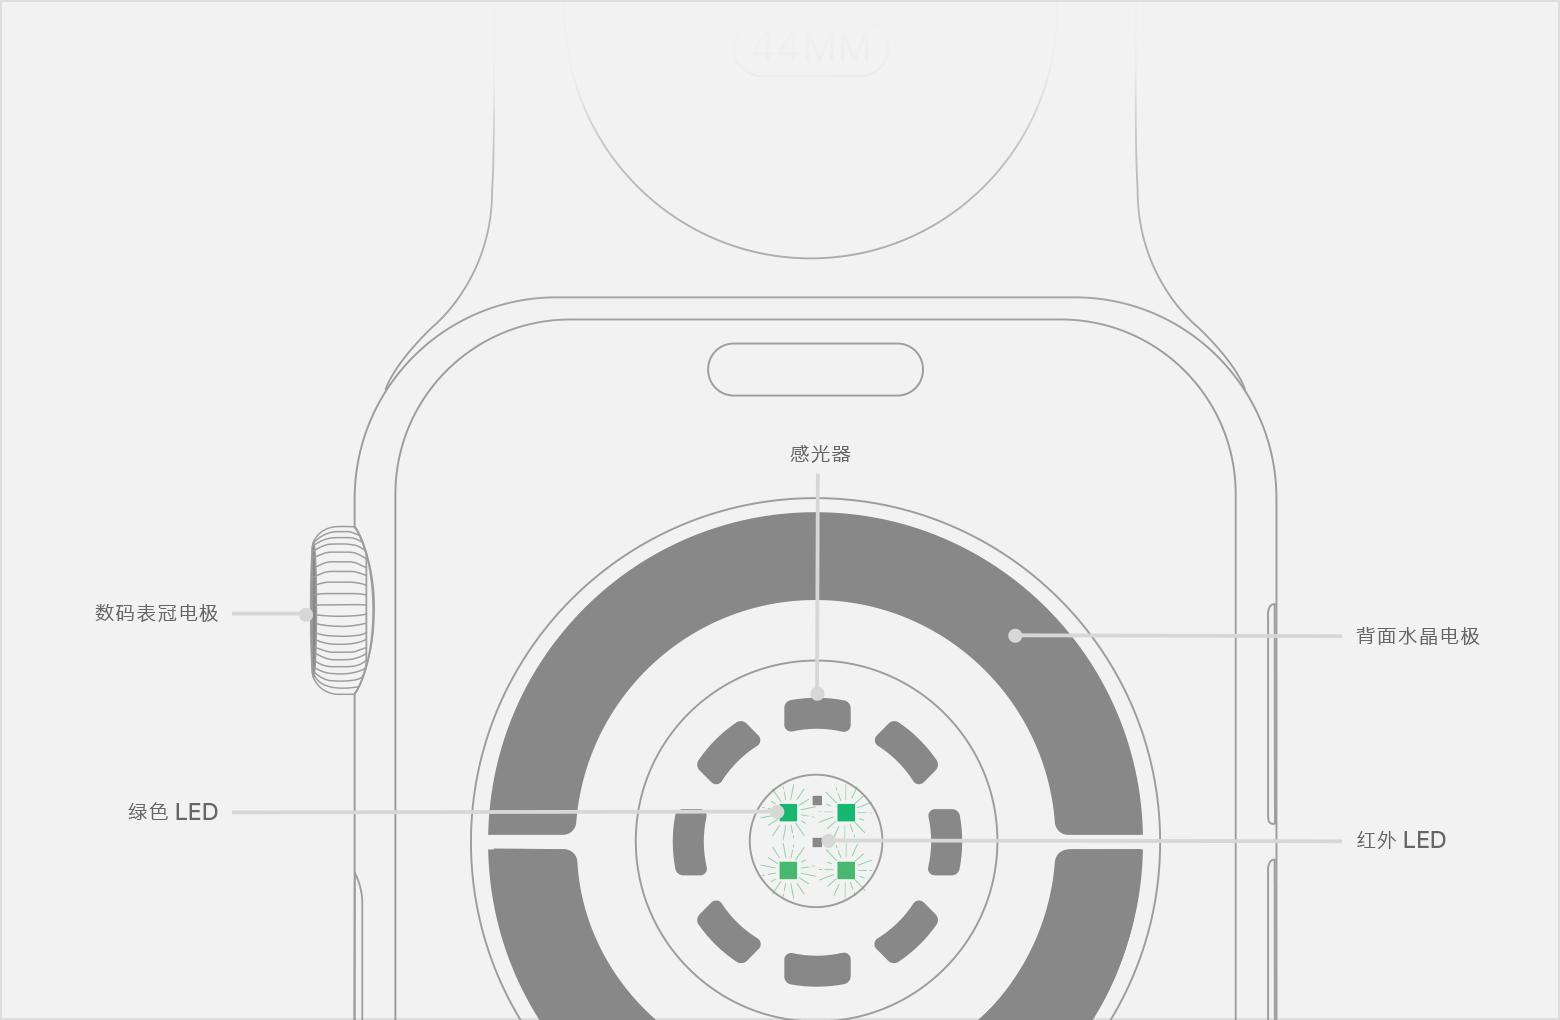 还未发布的 iOS 14 曝光了这些苹果新品的照片 - 2